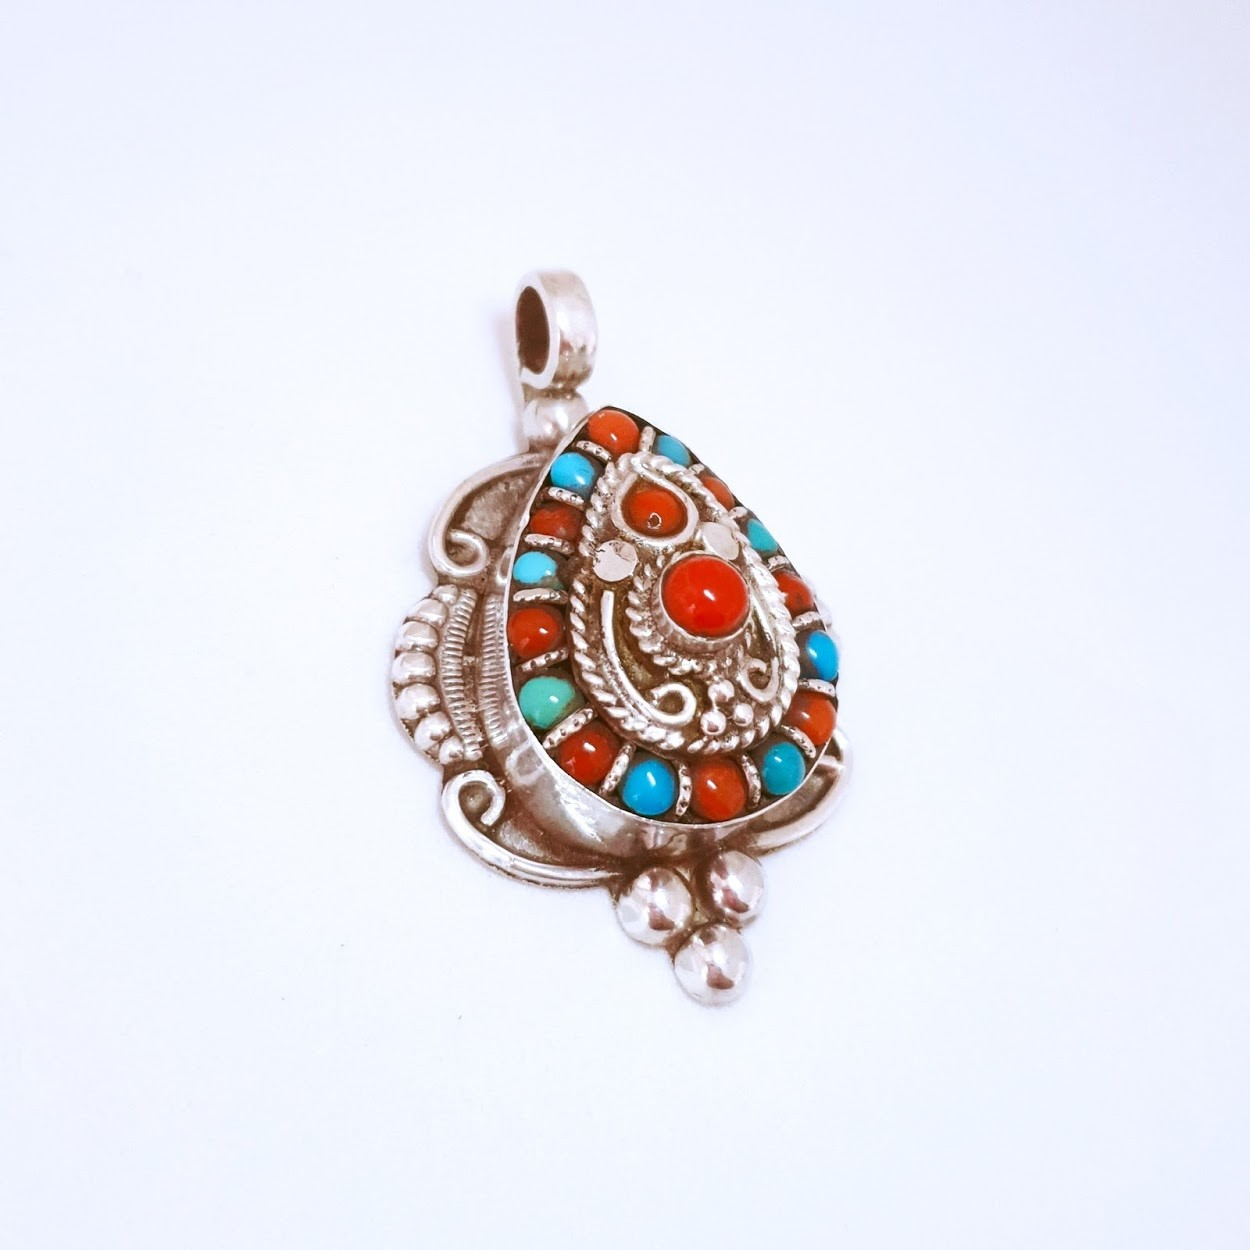 Pingente de Prata Peruano Gota com Pedras